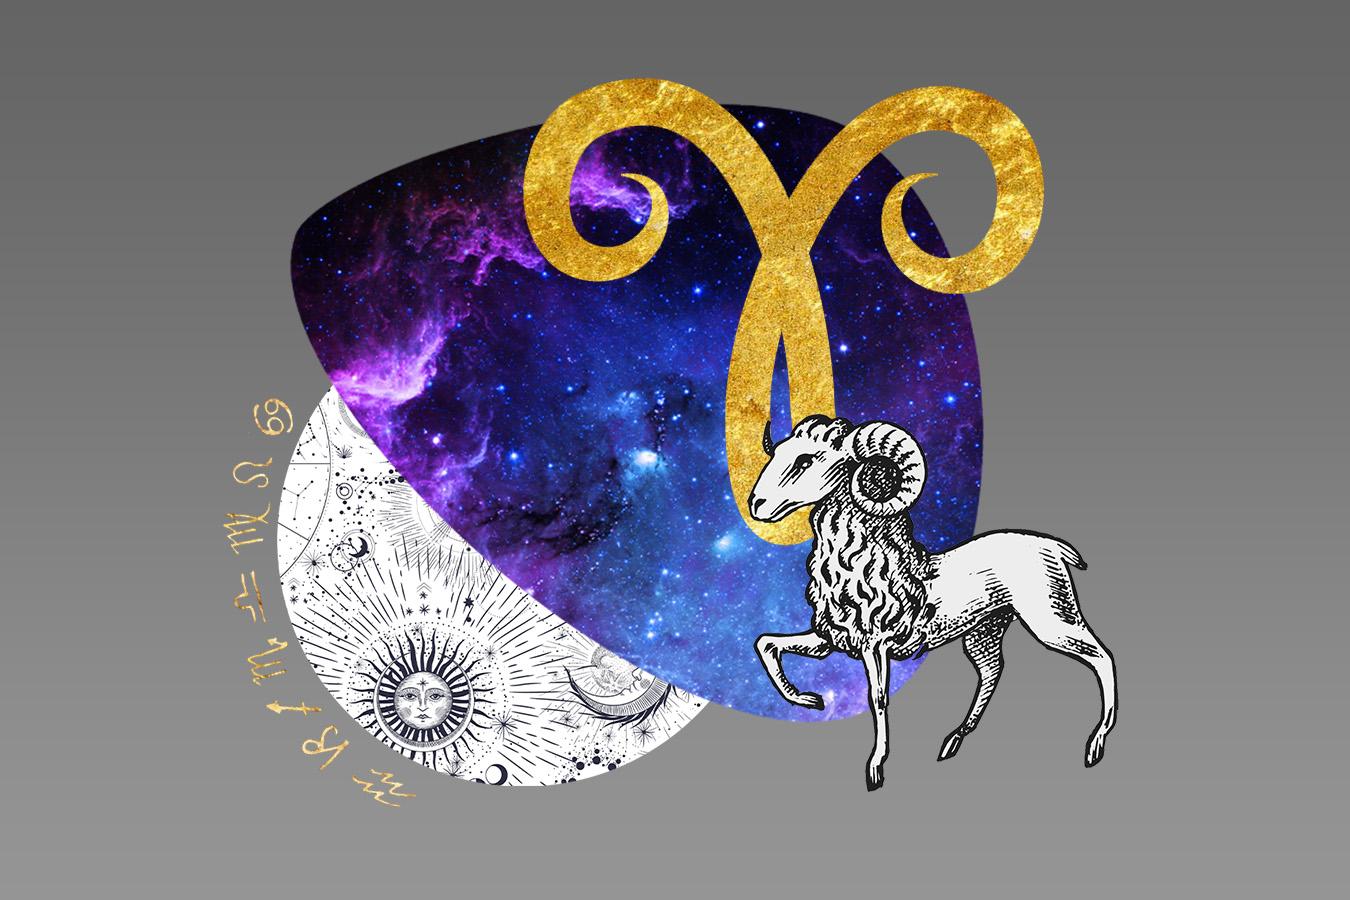 Жестокие и опасные: какие знаки зодиака являются таковыми — фото 2